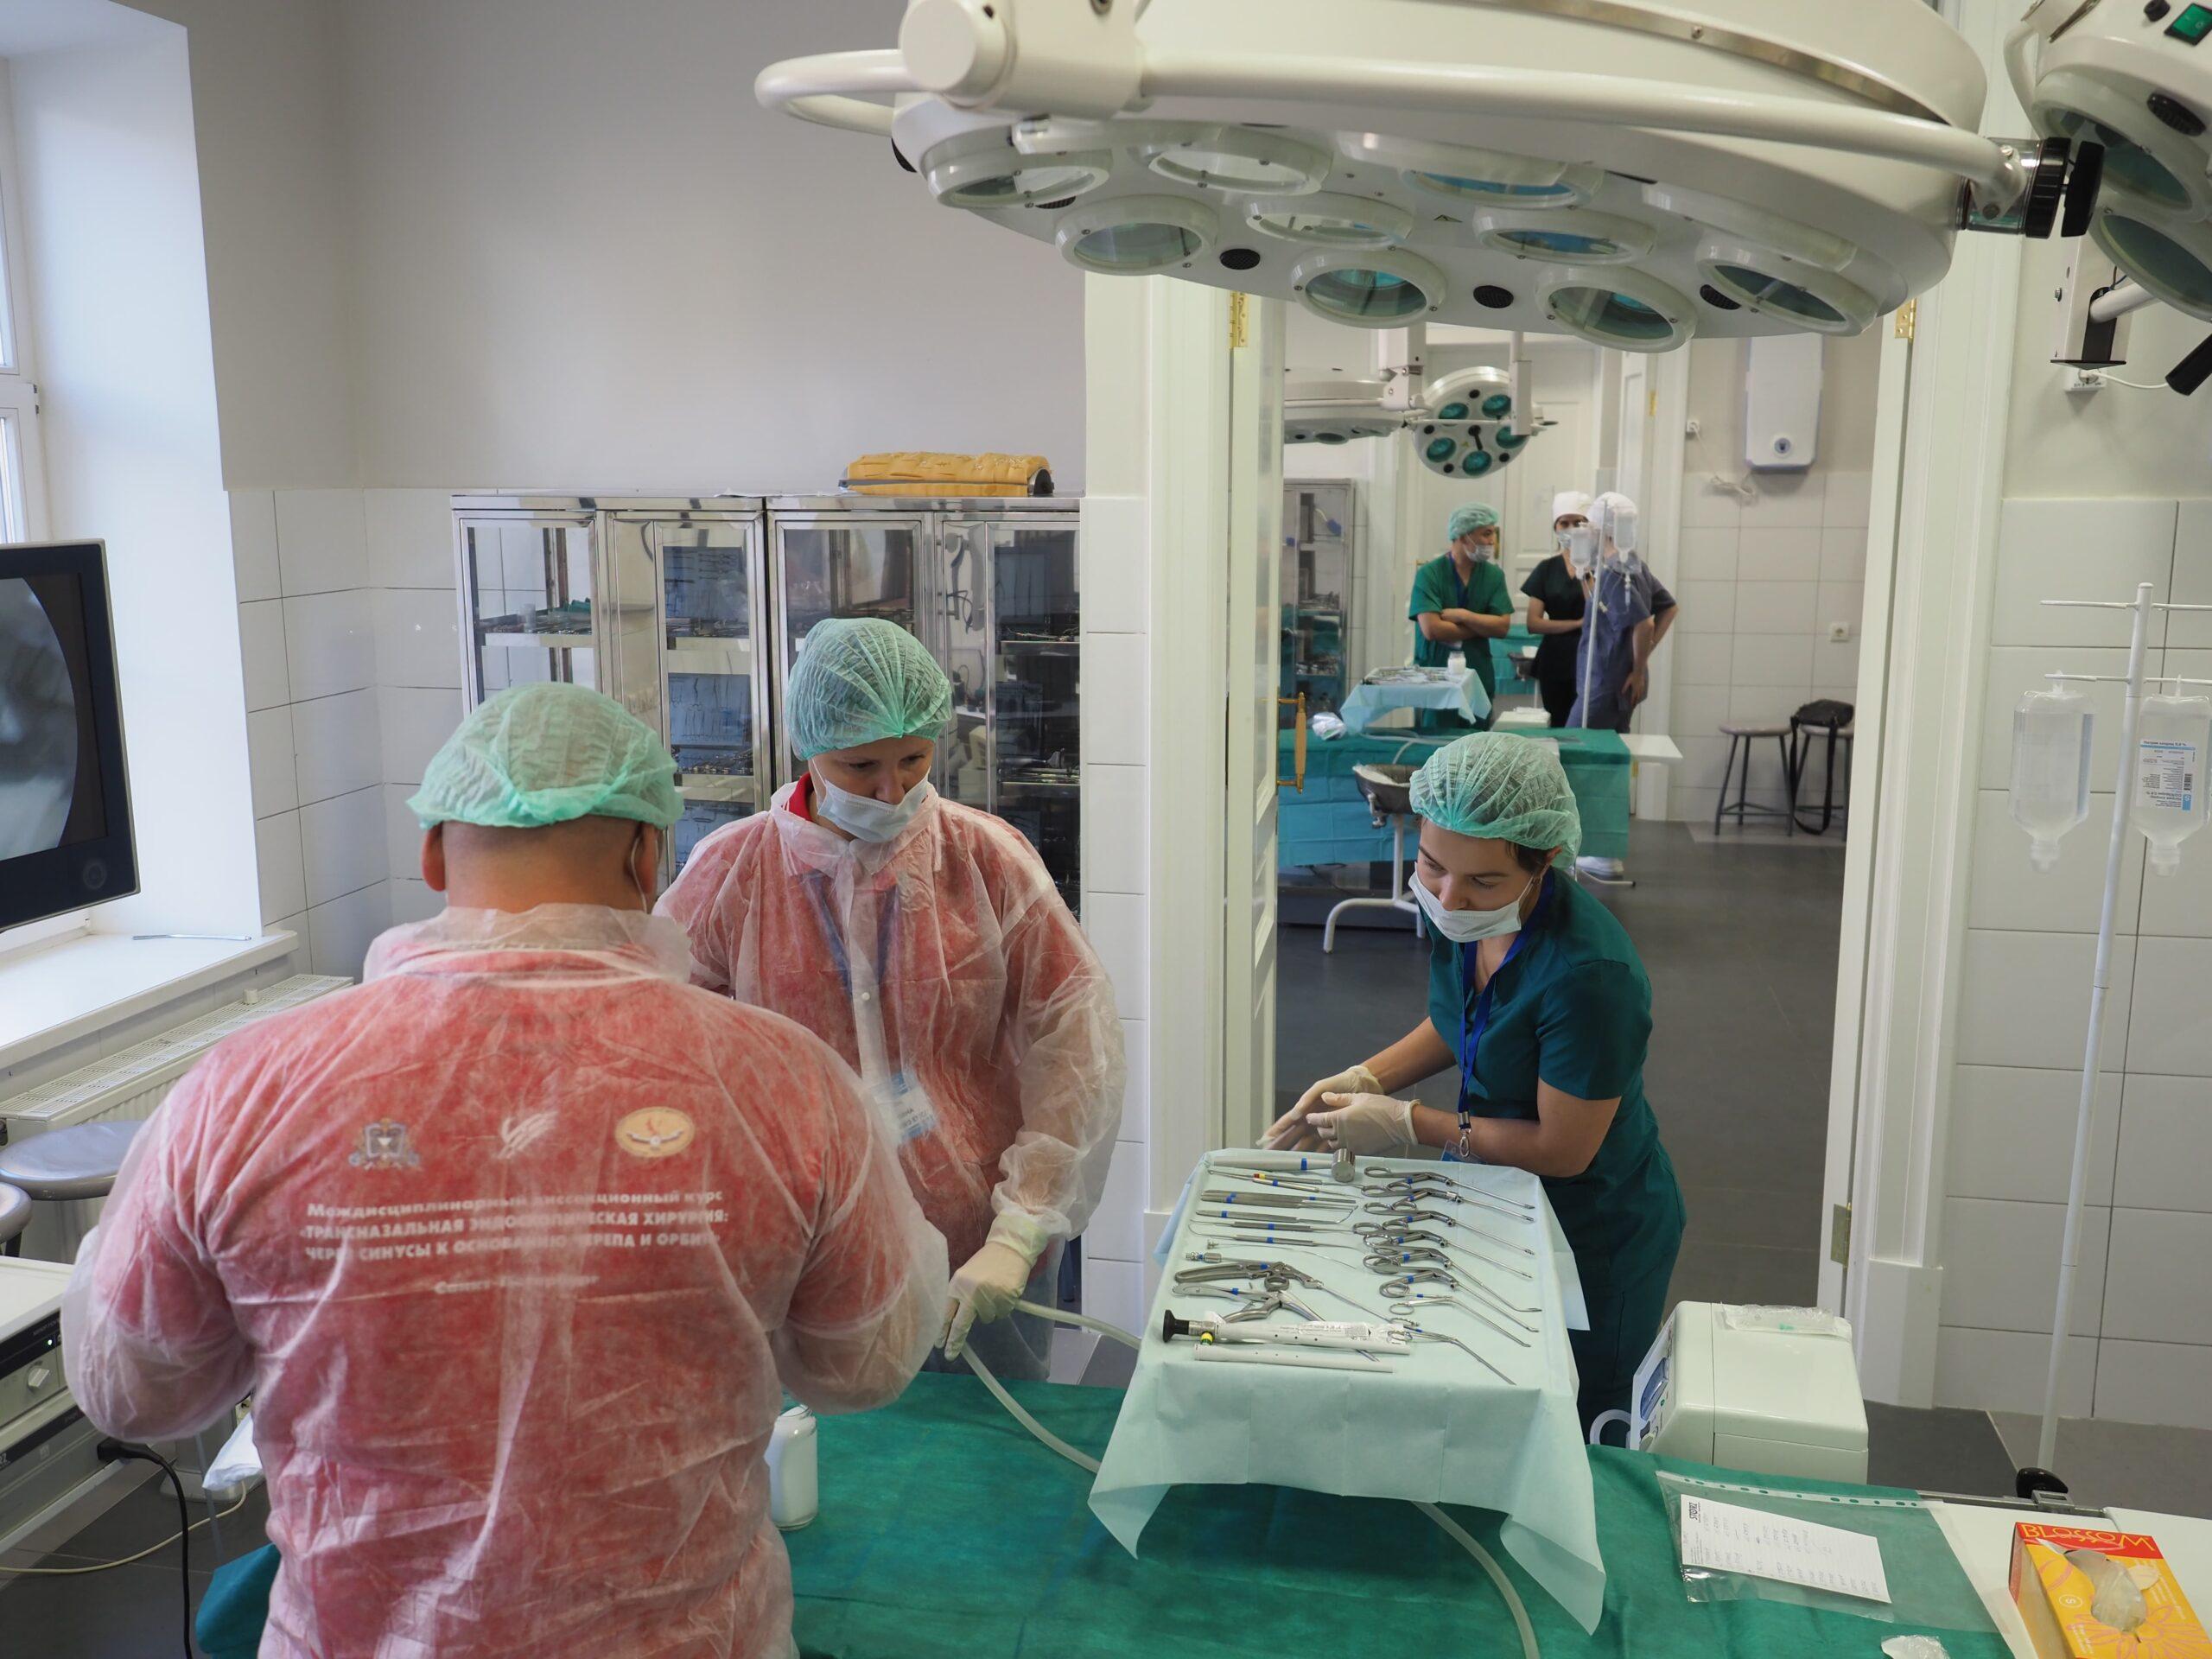 Хирург должен воспитываться индивидуально. В Военно-медицинской академии состоялся междисциплинарный диссекционный курс «трансназальная эндоскопическая  хирургия через синусы к основанию черепа и орбите».